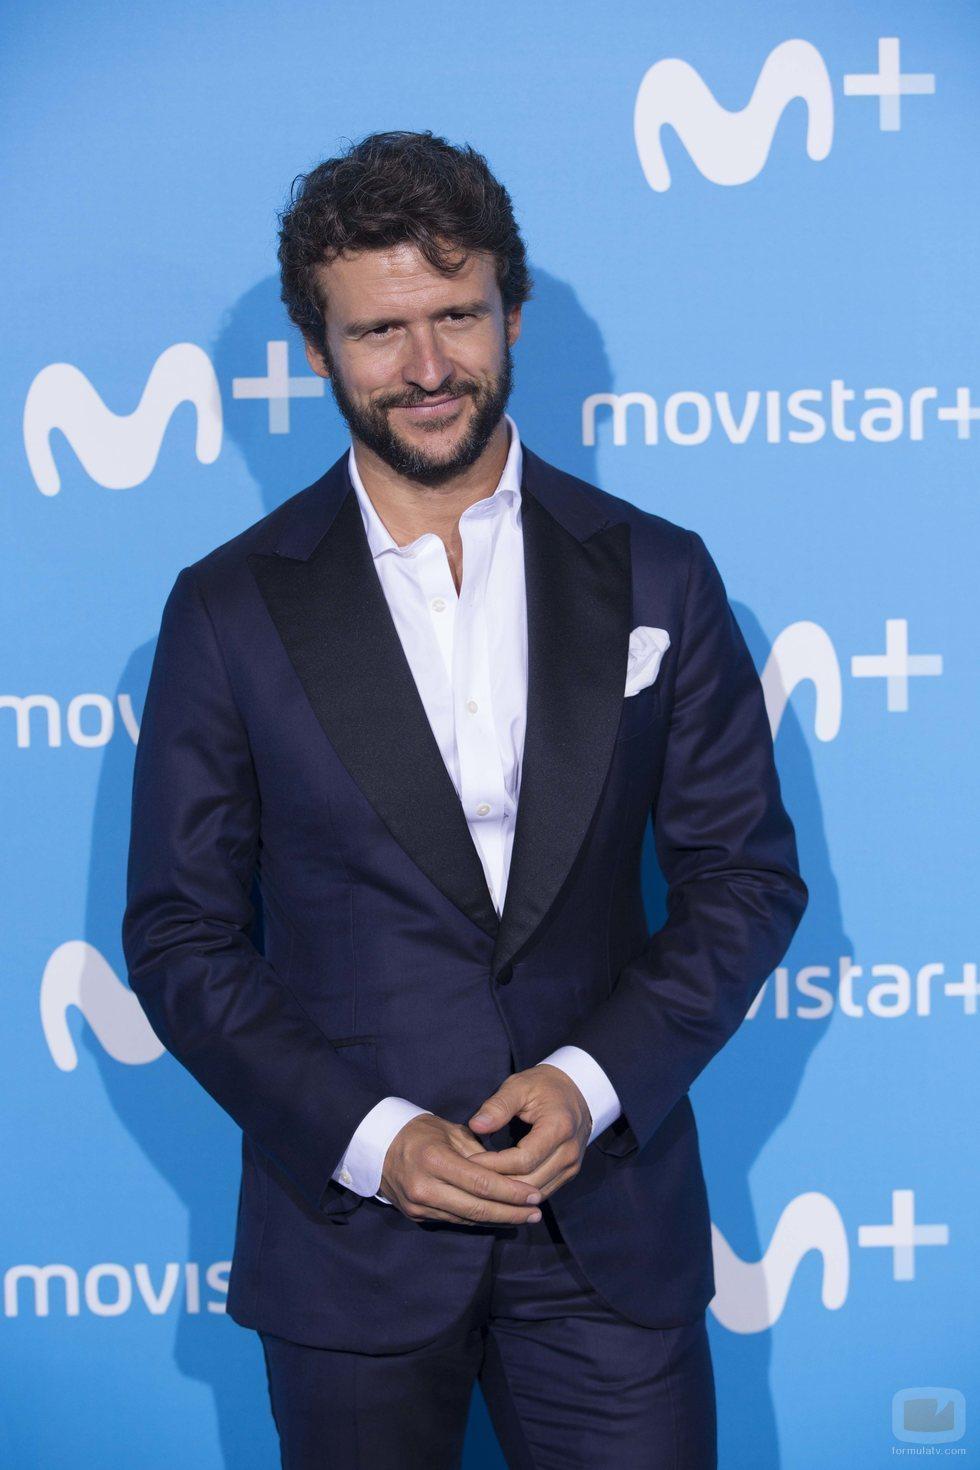 Diego Martín, Enrique en 'Velvet Colección' en el Upfront Movistar+ 2018